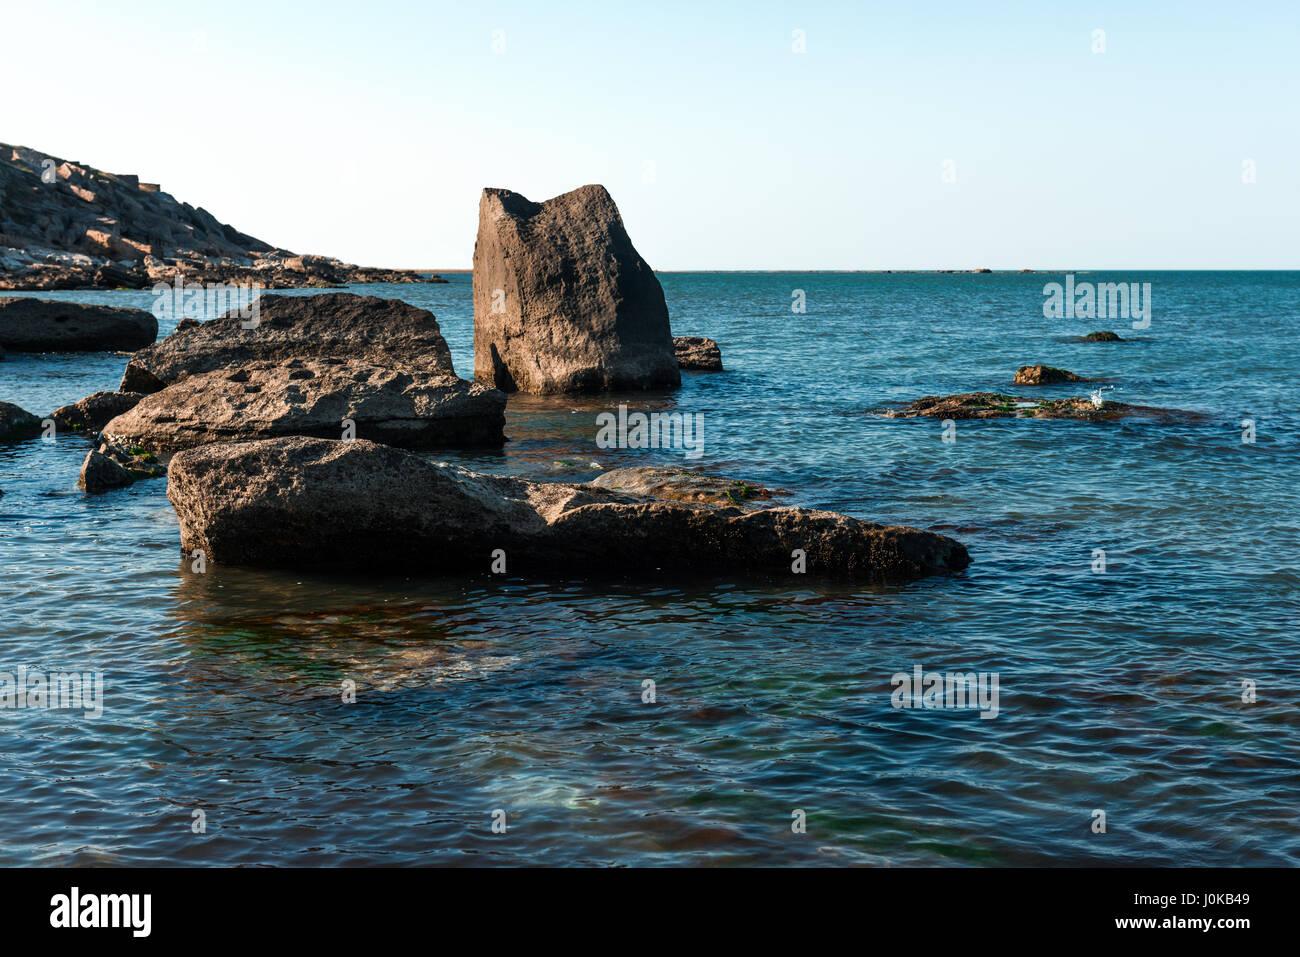 Costa con rocas y agua azul Imagen De Stock